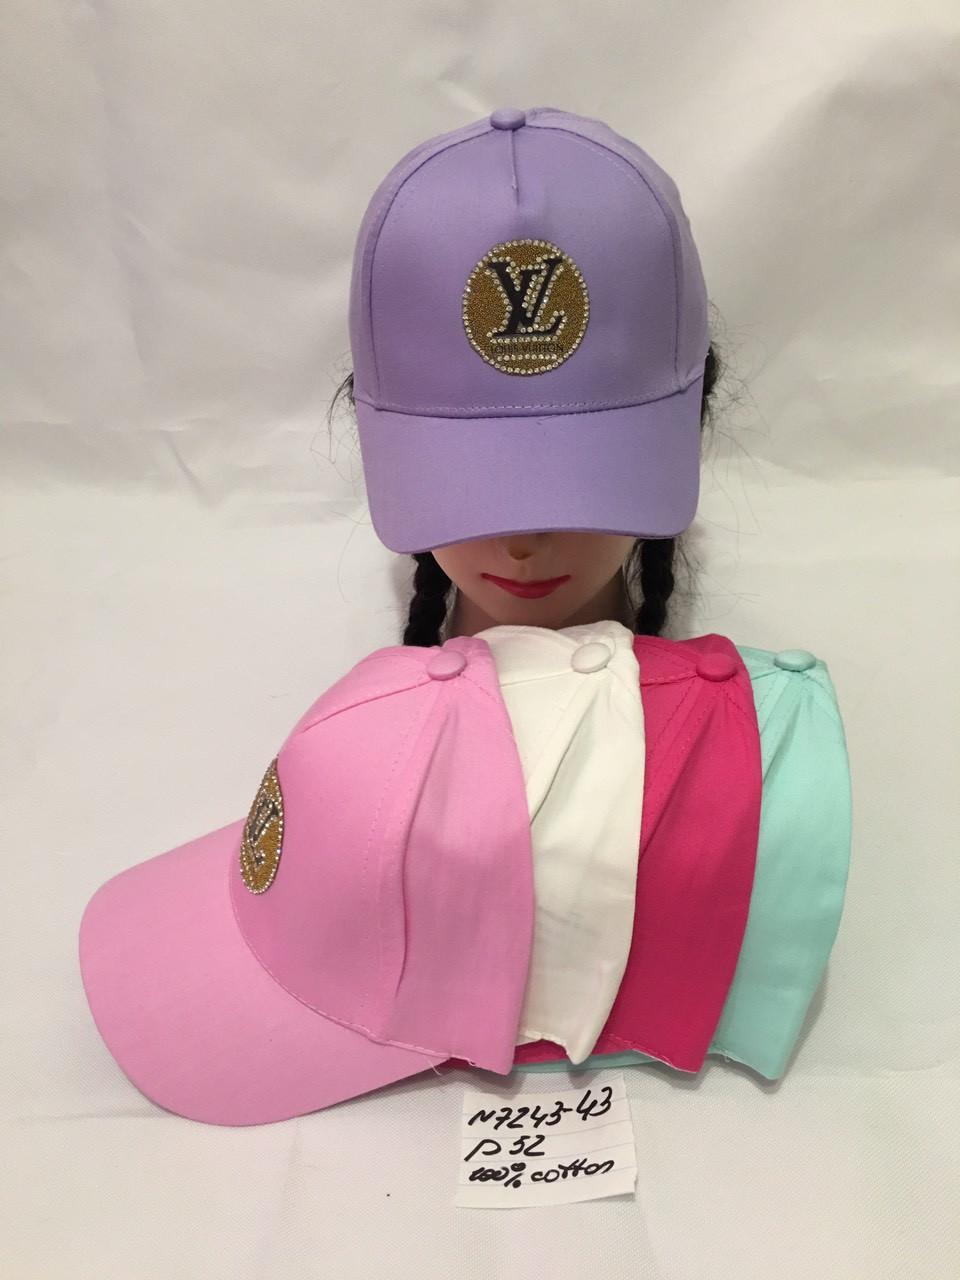 Літня дитяча кепка для дівчинки р. 52 100% cotton